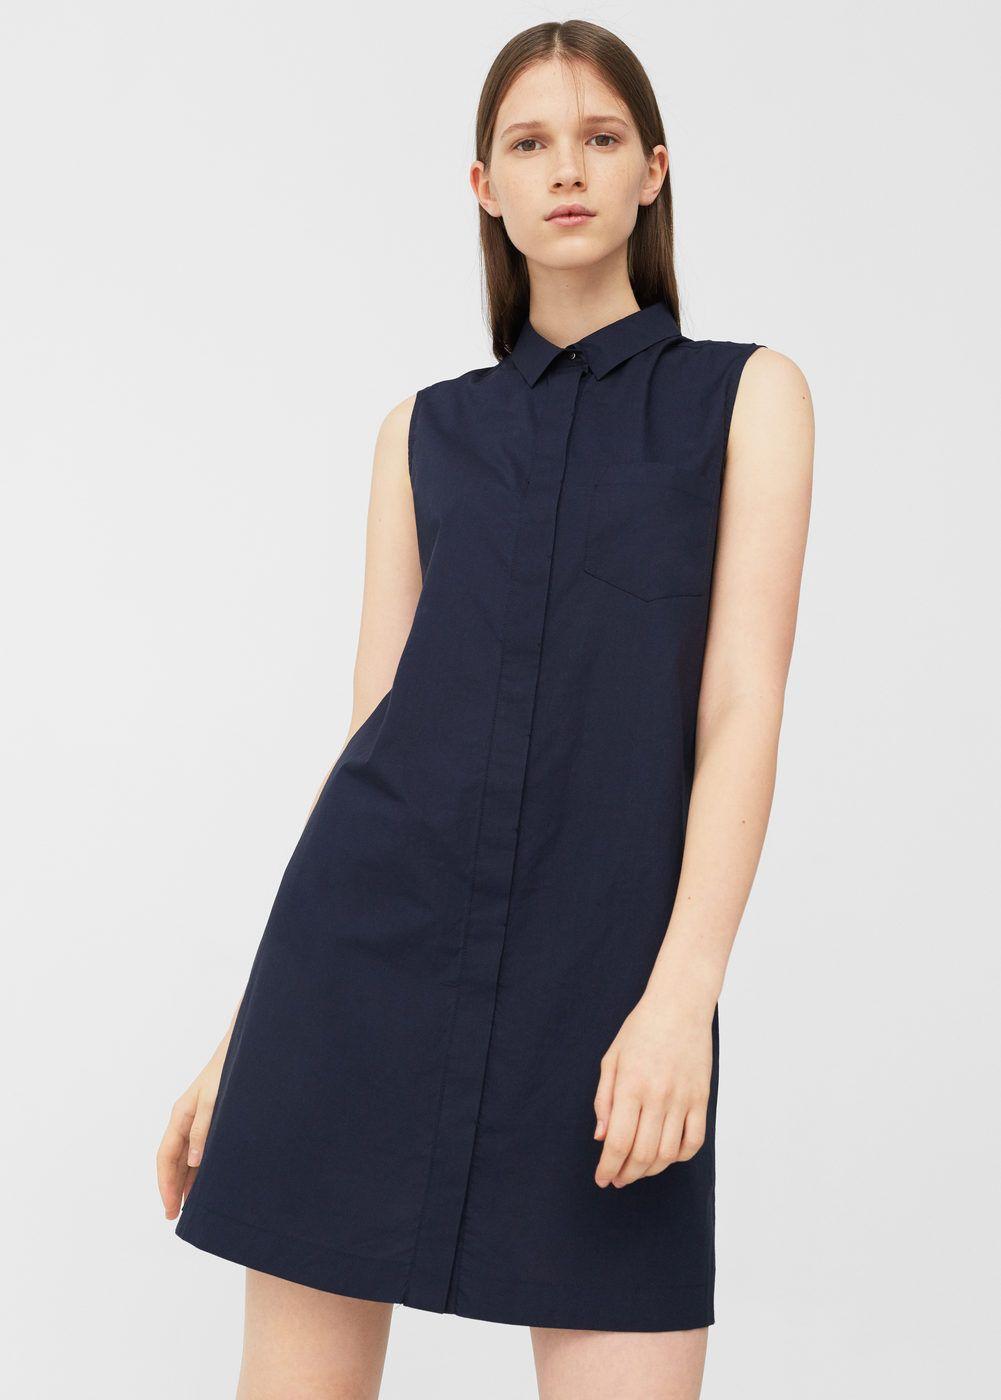 Vestido camisero algodón Mujer | Vestidos de moda